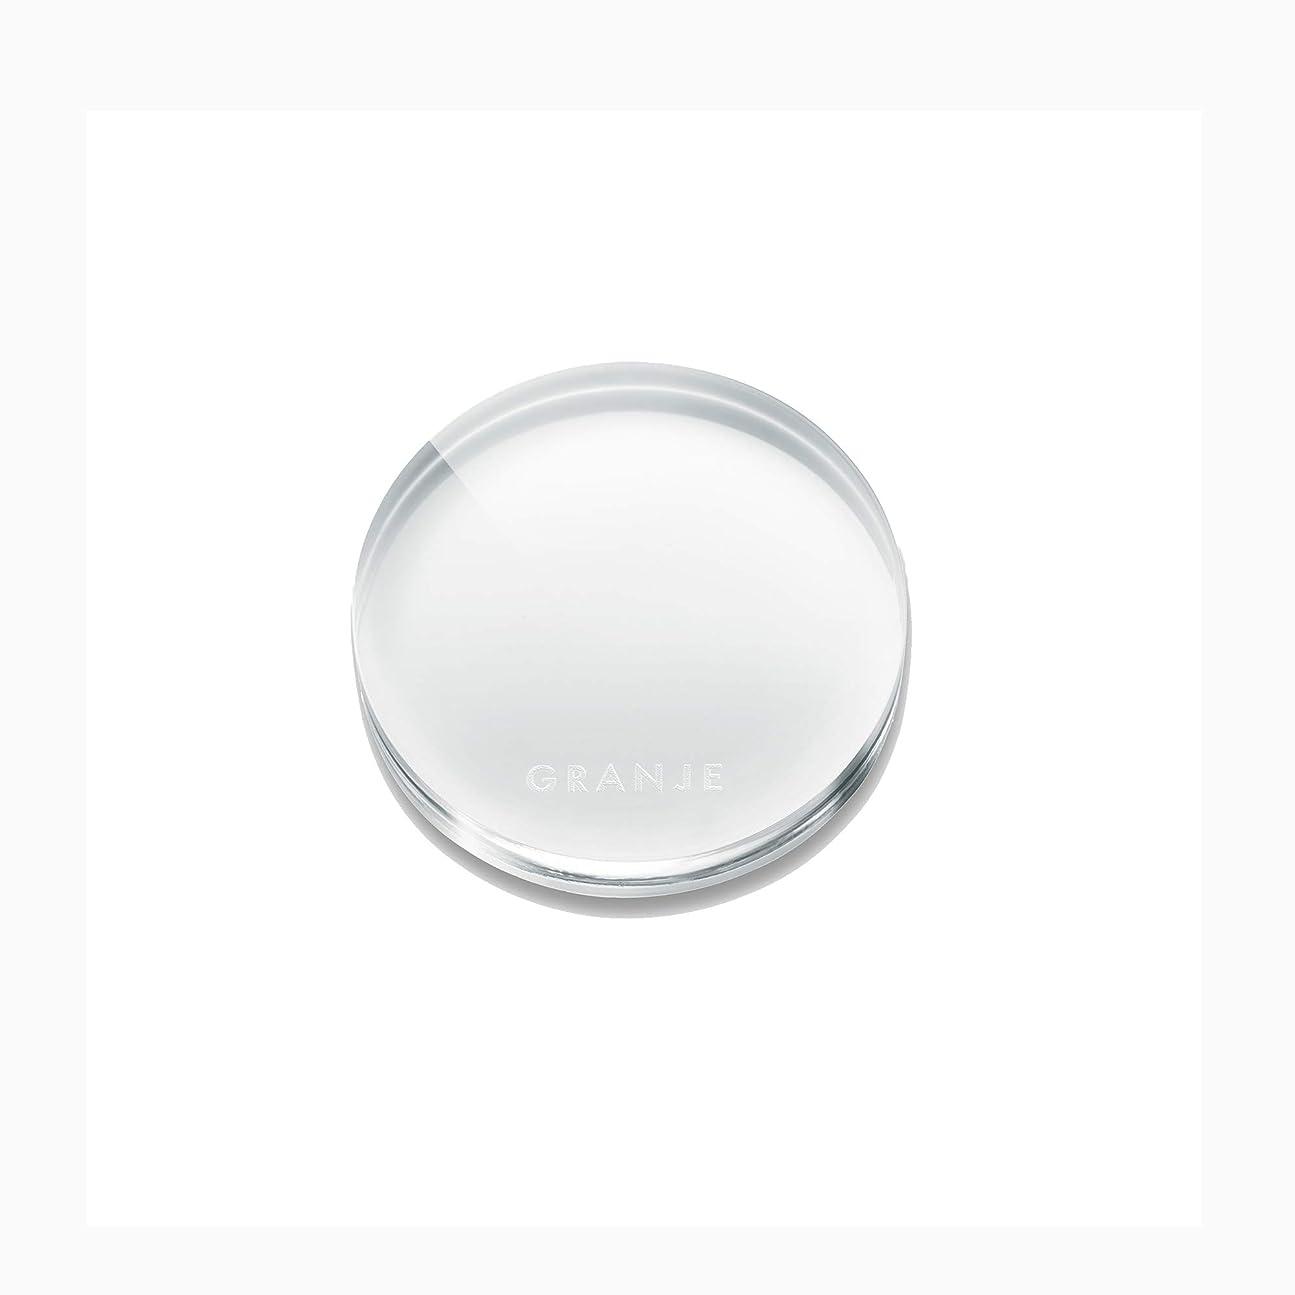 暴露する浴室ナプキンGRANJE(グランジェ) ACRYLIC PALETTE アクリルパレット [セルフジェルネイル/ネイルツール/ネイルアート]